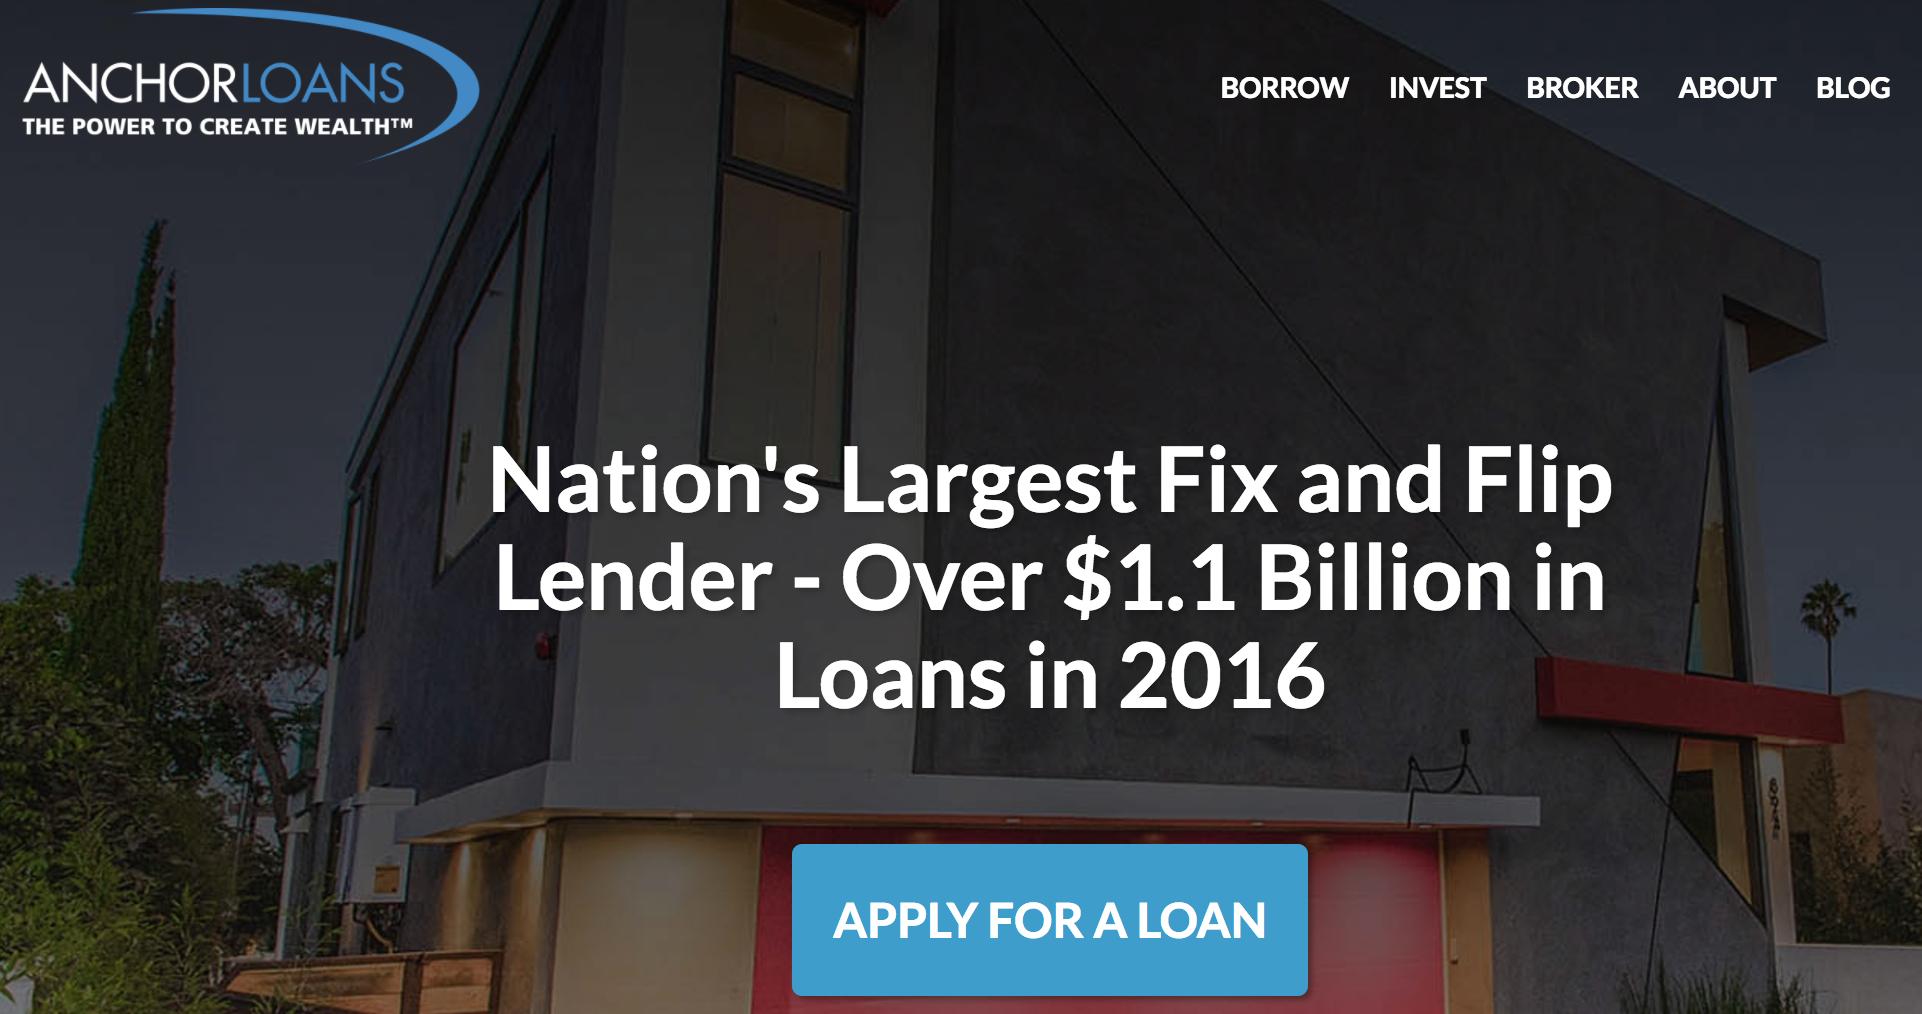 Loans instant cash image 10